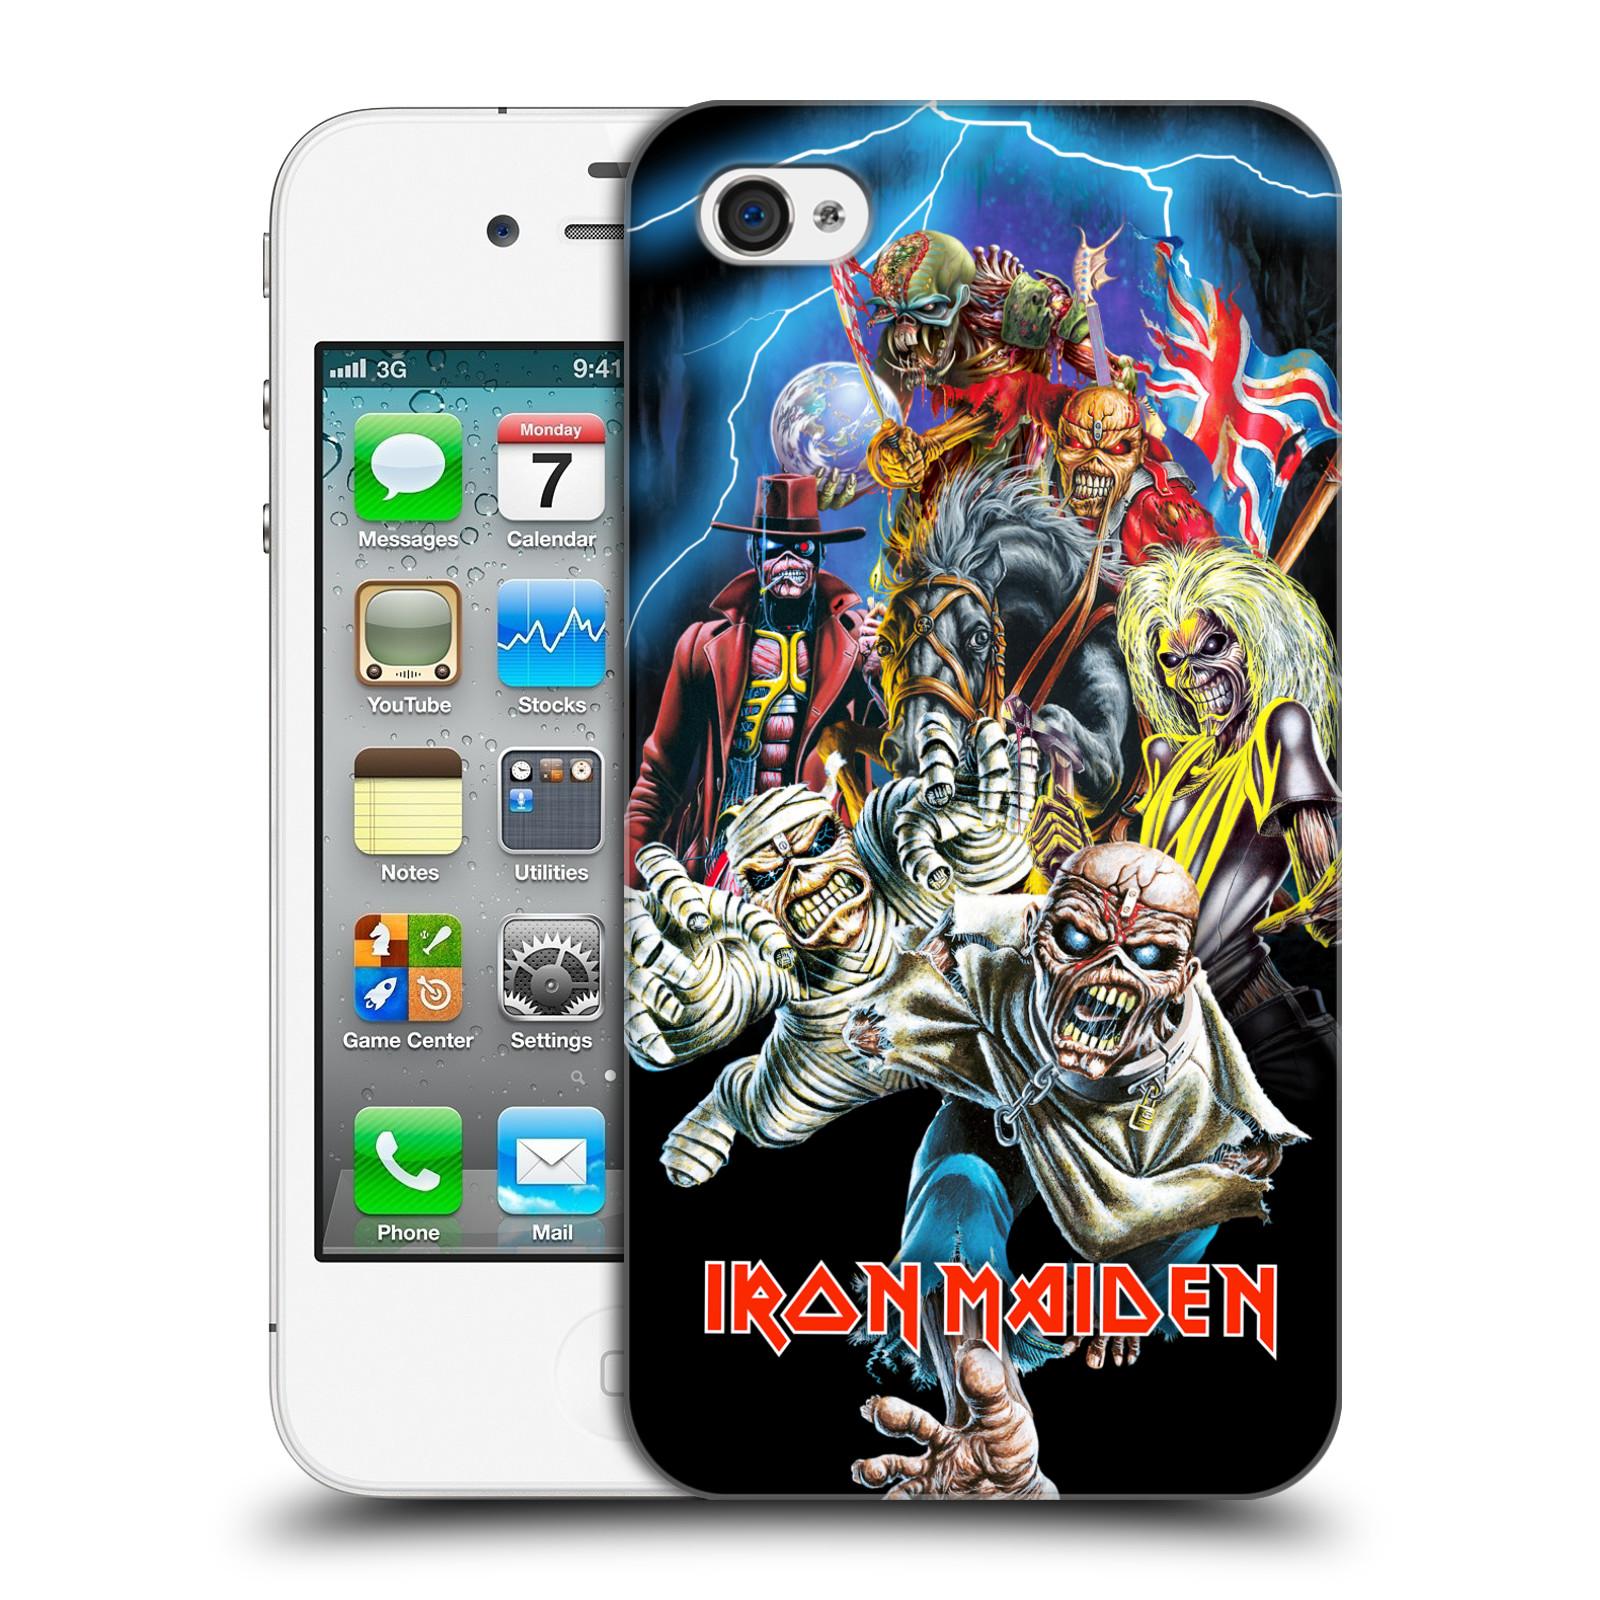 Plastové pouzdro na mobil Apple iPhone 4 a 4S HEAD CASE - Iron Maiden - Best Of Beast (Plastový kryt či obal na mobilní telefon s licencovaným motivem Iron Maiden Apple iPhone 4 a 4S)